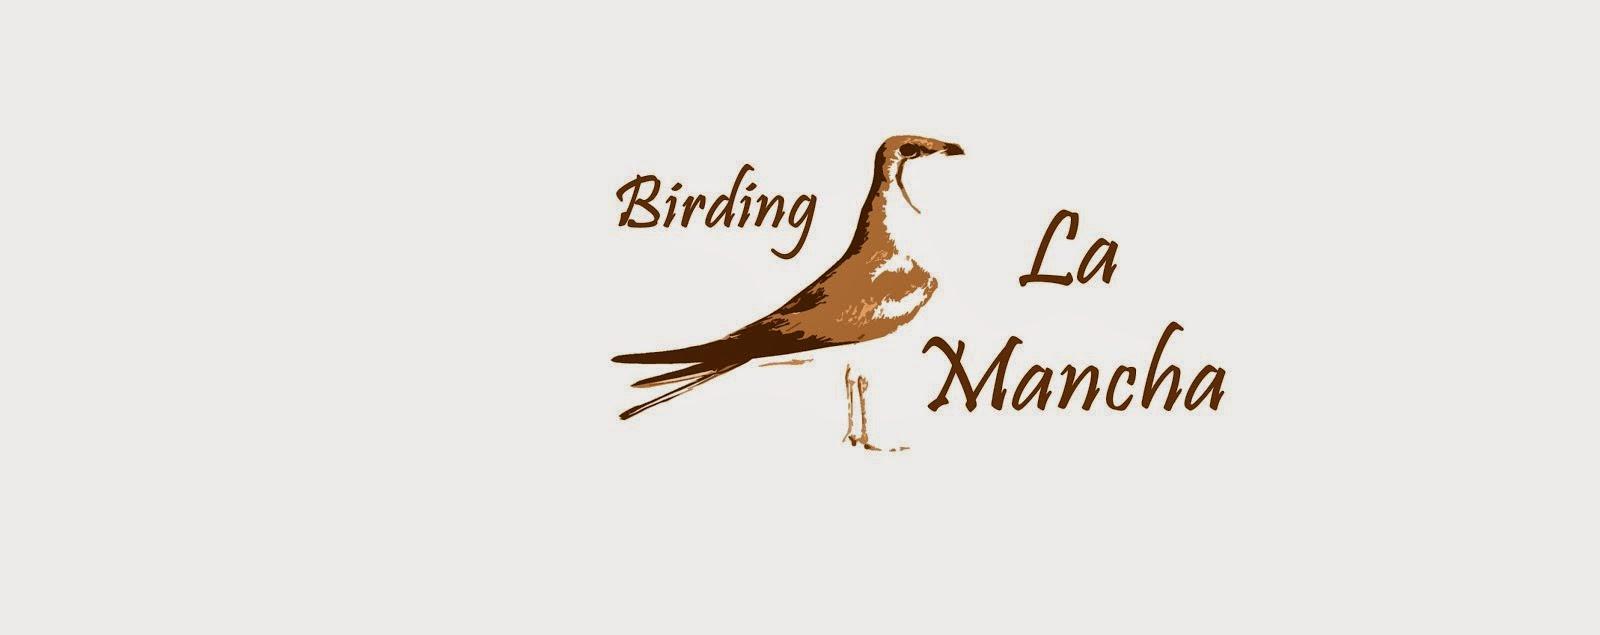 Birding La Mancha